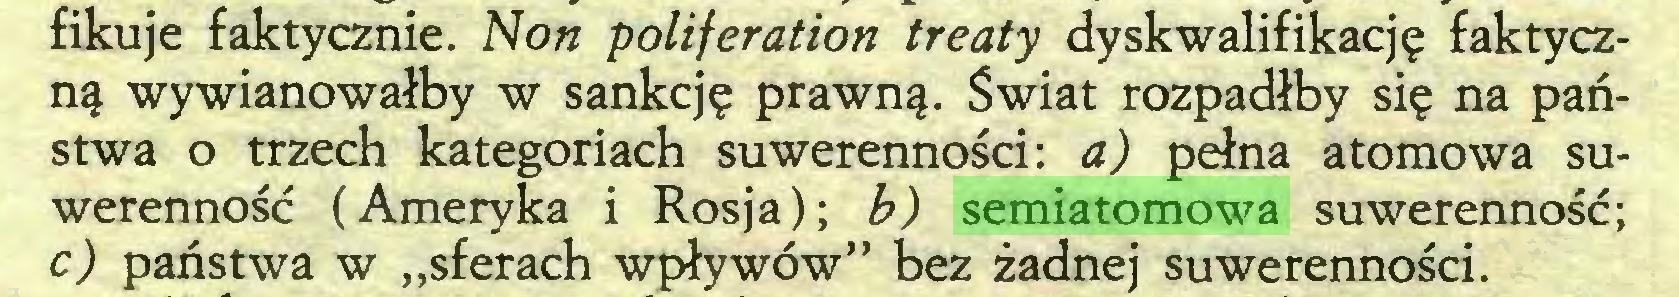 """(...) fikuje faktycznie. Non poliferation treaty dyskwalifikację faktyczną wywianowałby w sankcję prawną. Świat rozpadłby się na państwa o trzech kategoriach suwerenności: a) pełna atomowa suwerenność (Ameryka i Rosja); b) semiatomowa suwerenność; c) państwa w """"sferach wpływów"""" bez żadnej suwerenności..."""